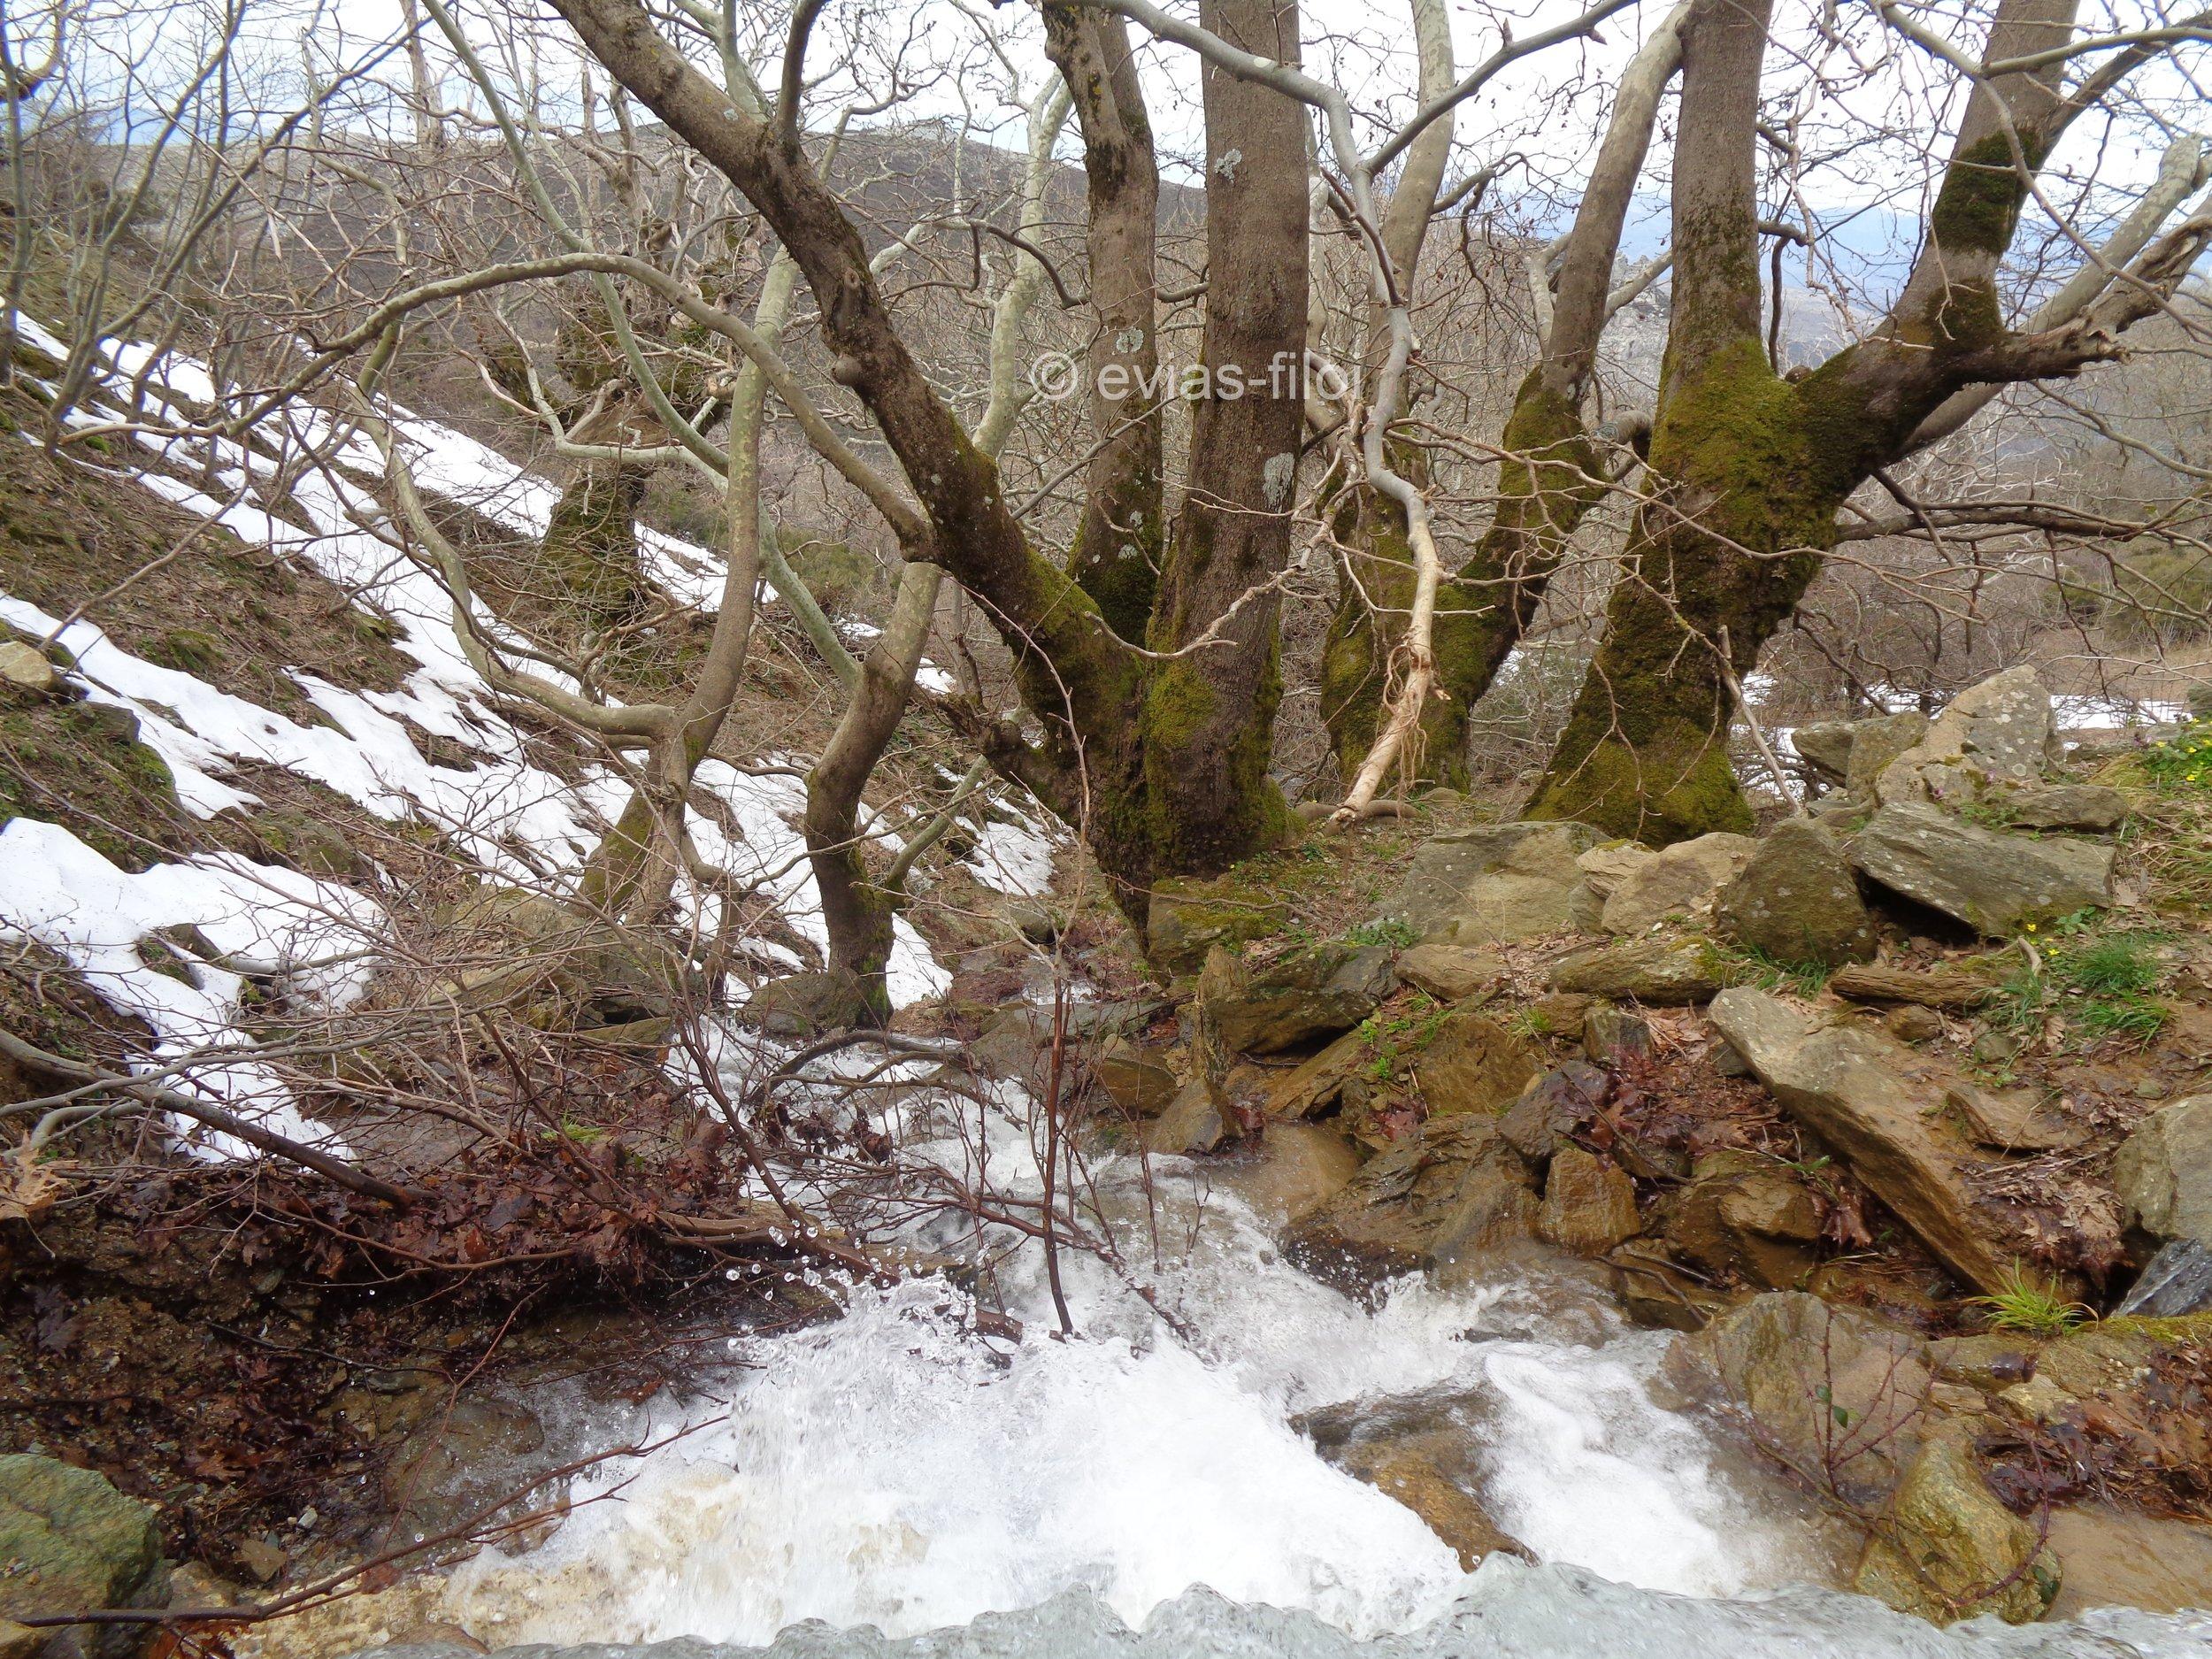 Τα χιόνια λιώνουν και η δύναμη του νερού αυξάνεται